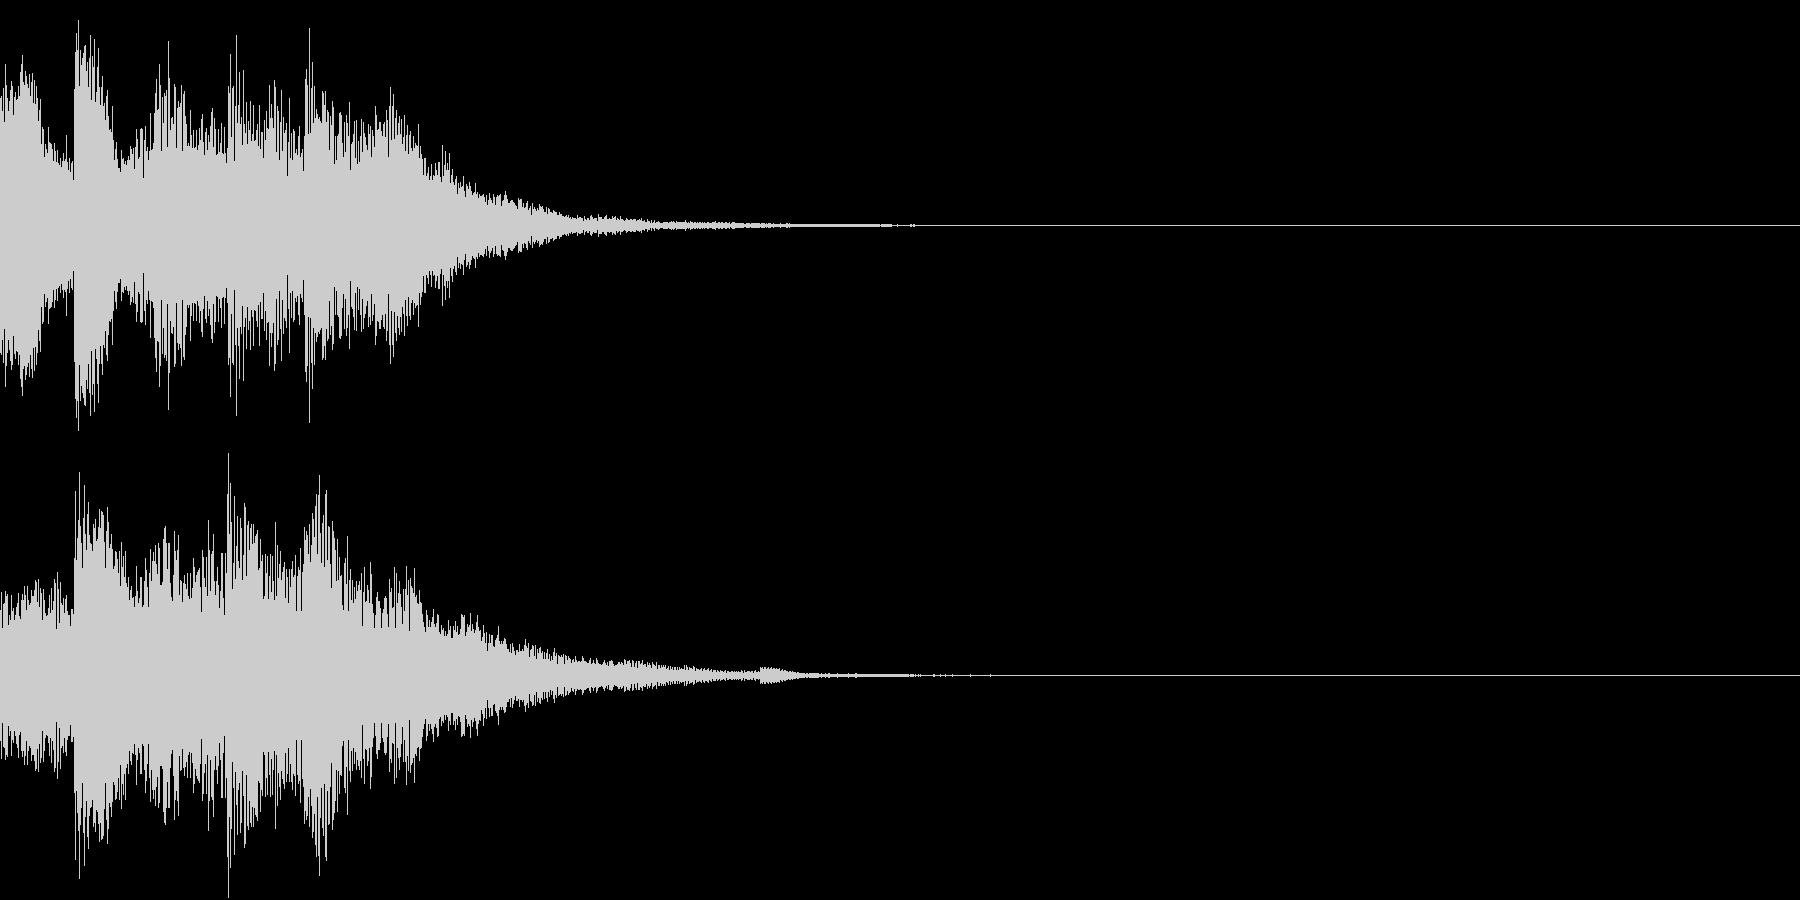 クリック キラリン 日本 和風 琴 23の未再生の波形